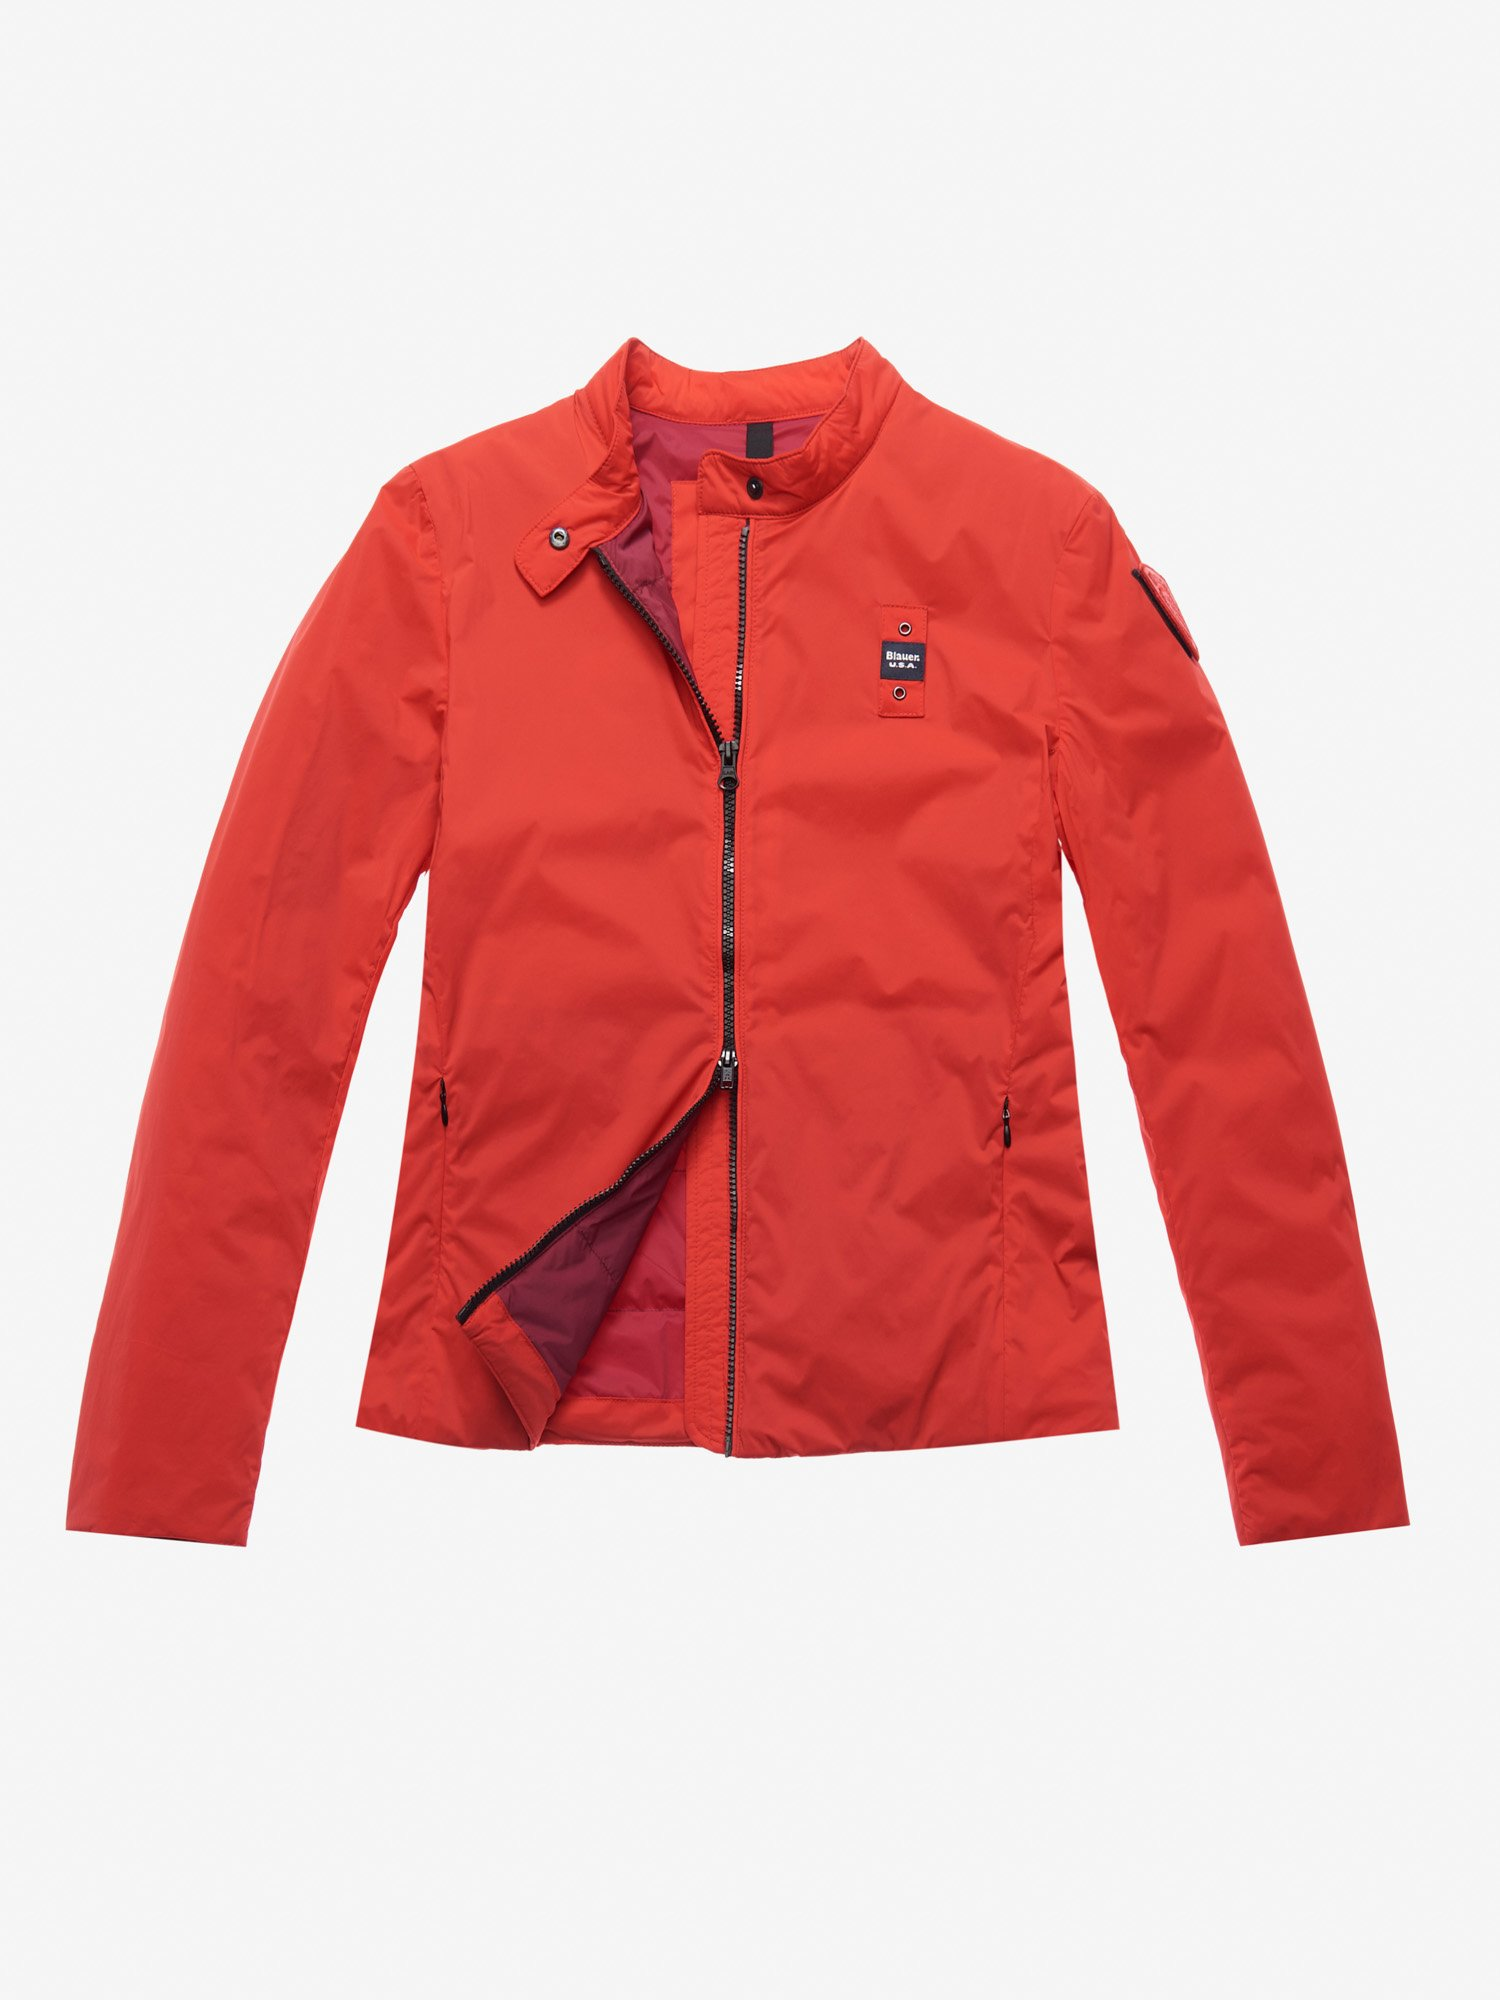 83c4f348e5 Blauer ® Donna - Acquista online la Collezione Donna | Blauer USA